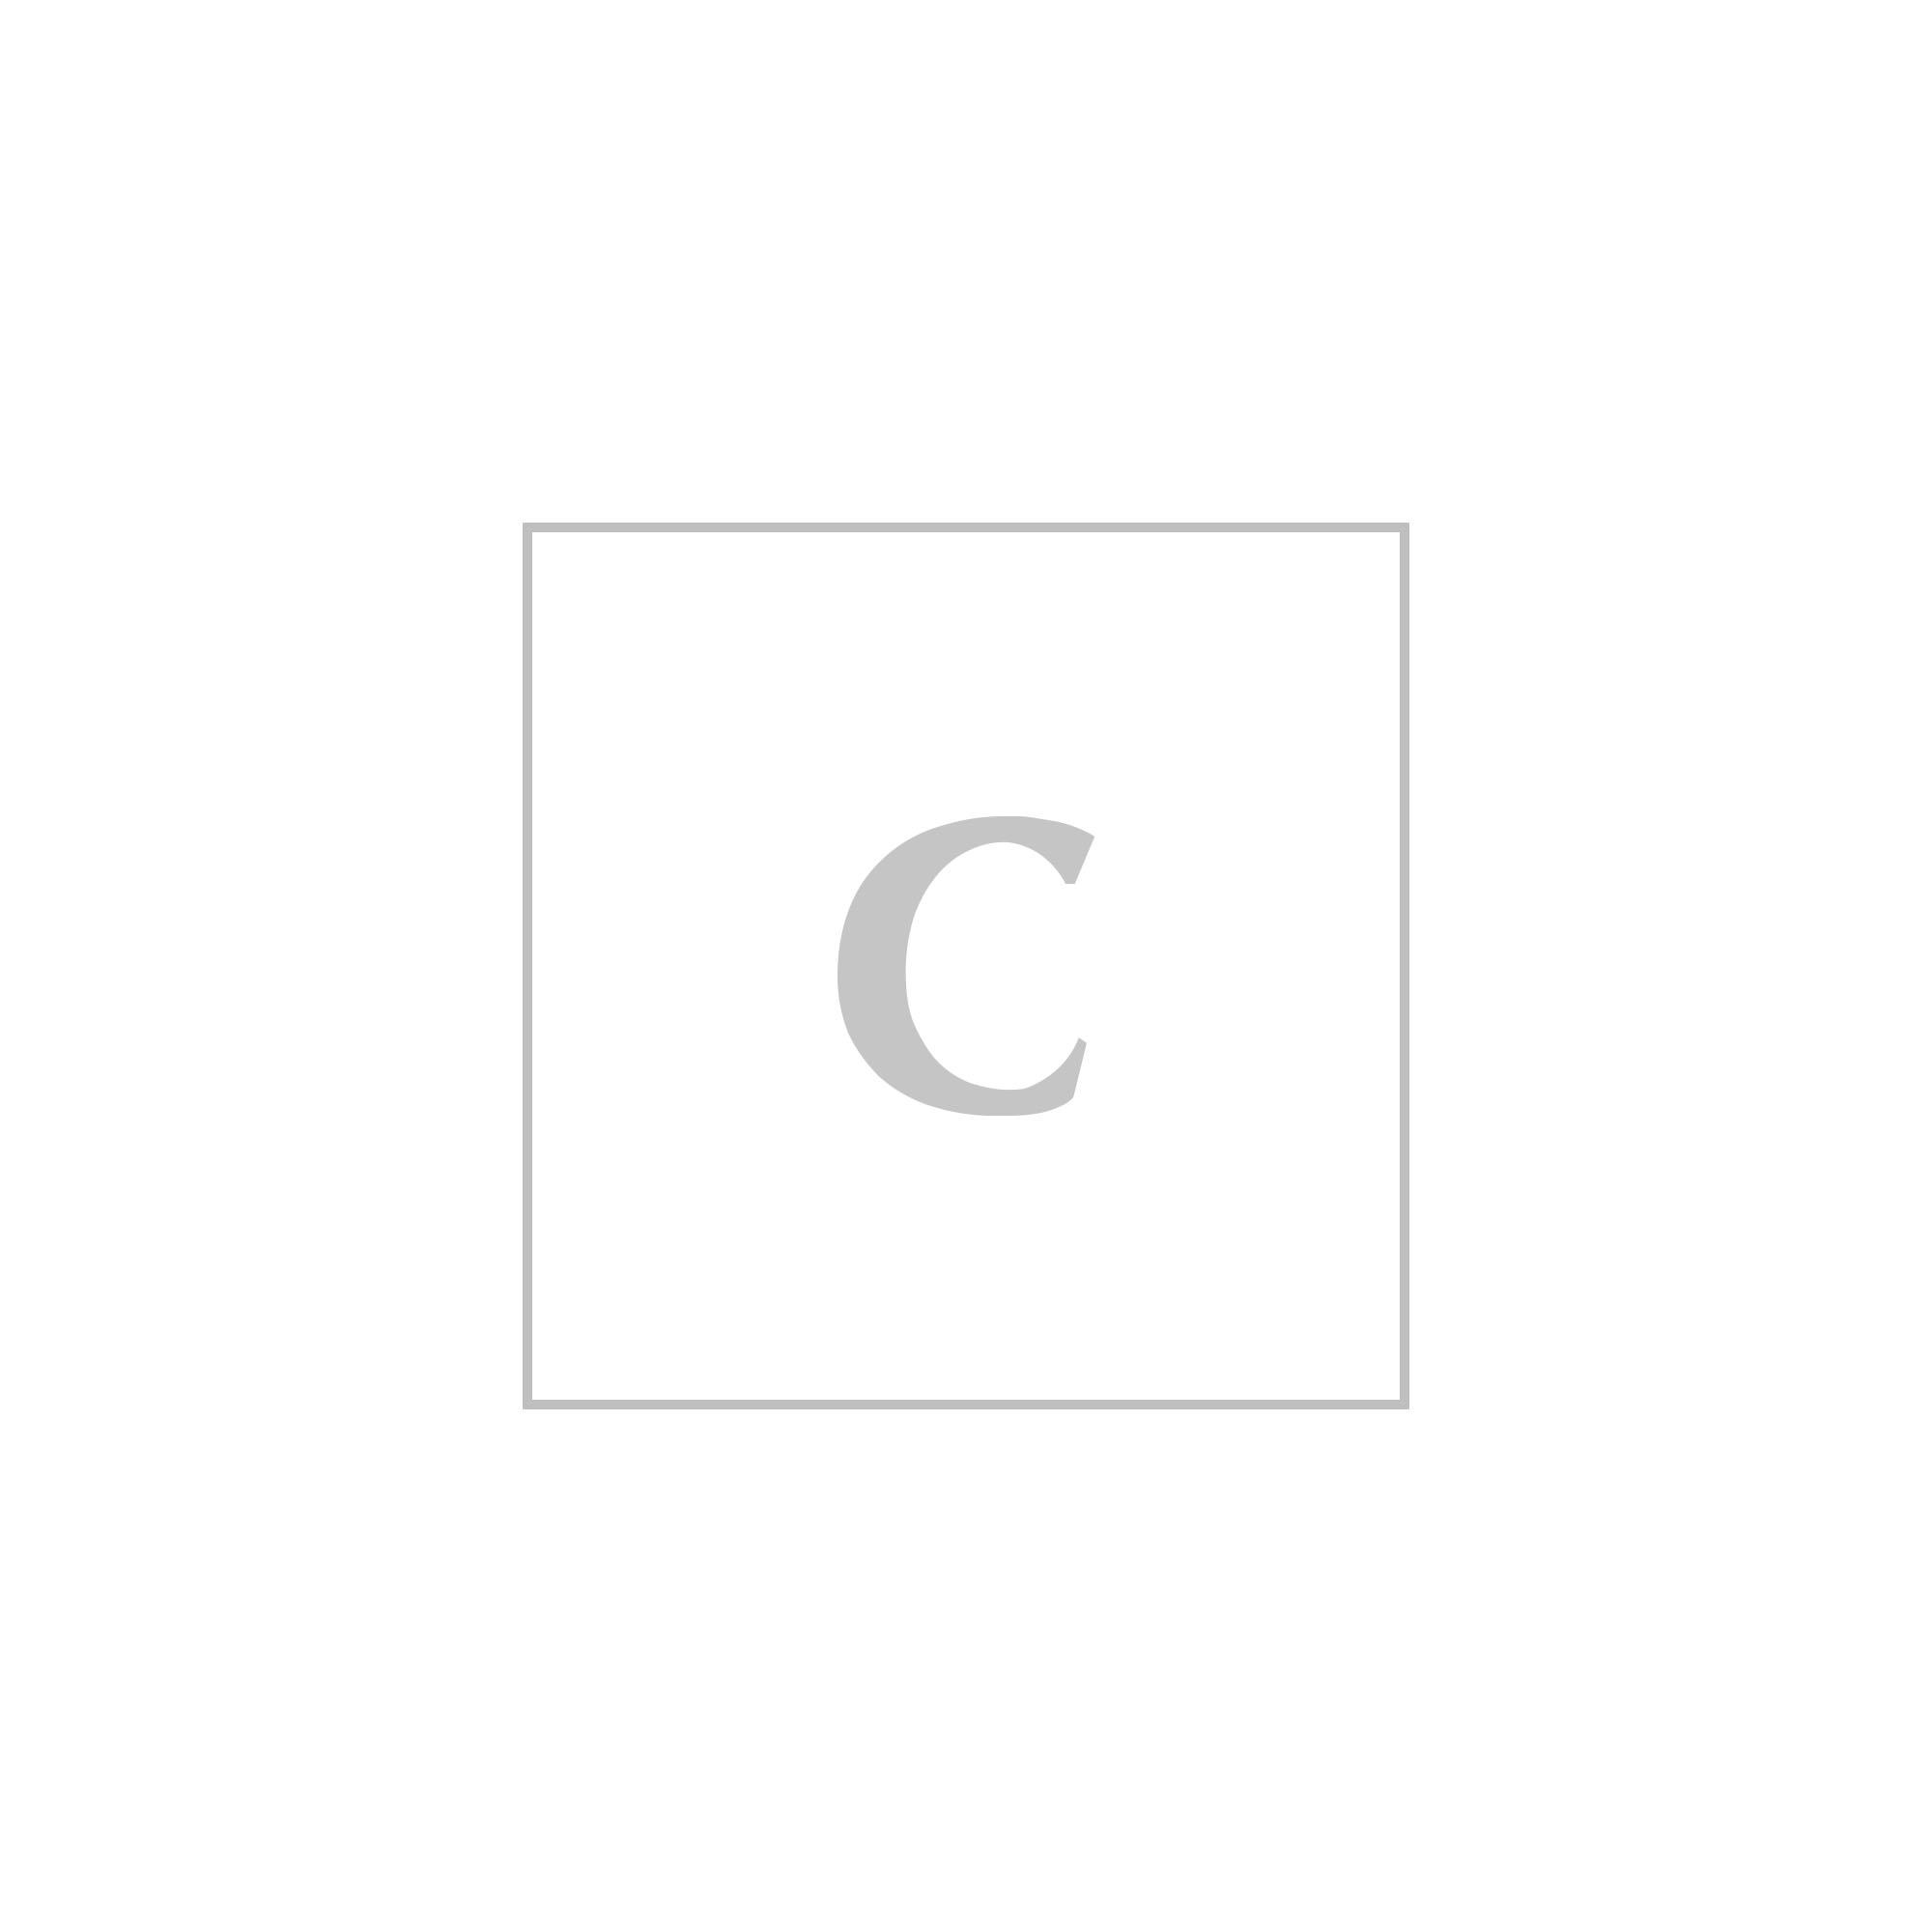 c36f08735d9c Dolce & gabbana culotte da mare stampa cuore sacro